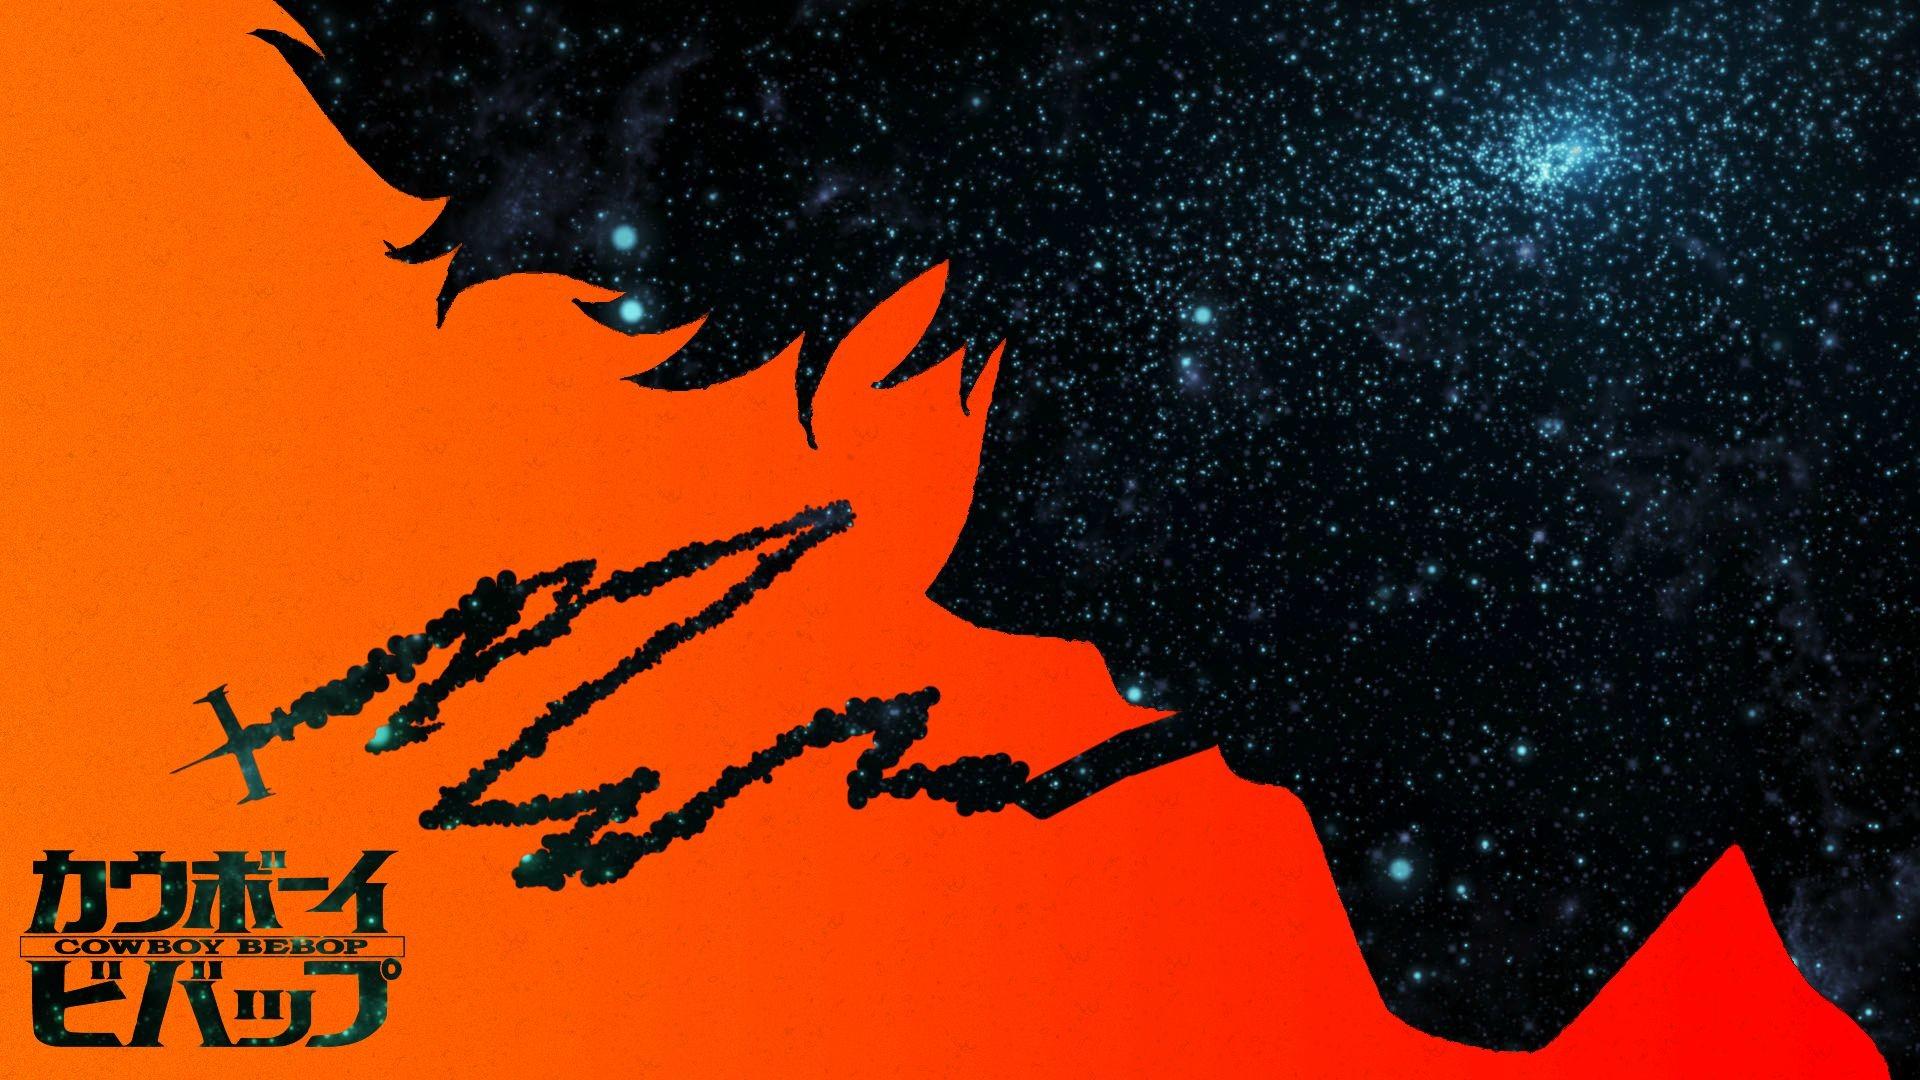 Cowboy Bebop Wallpaper HQ Picture | Dmgna.com